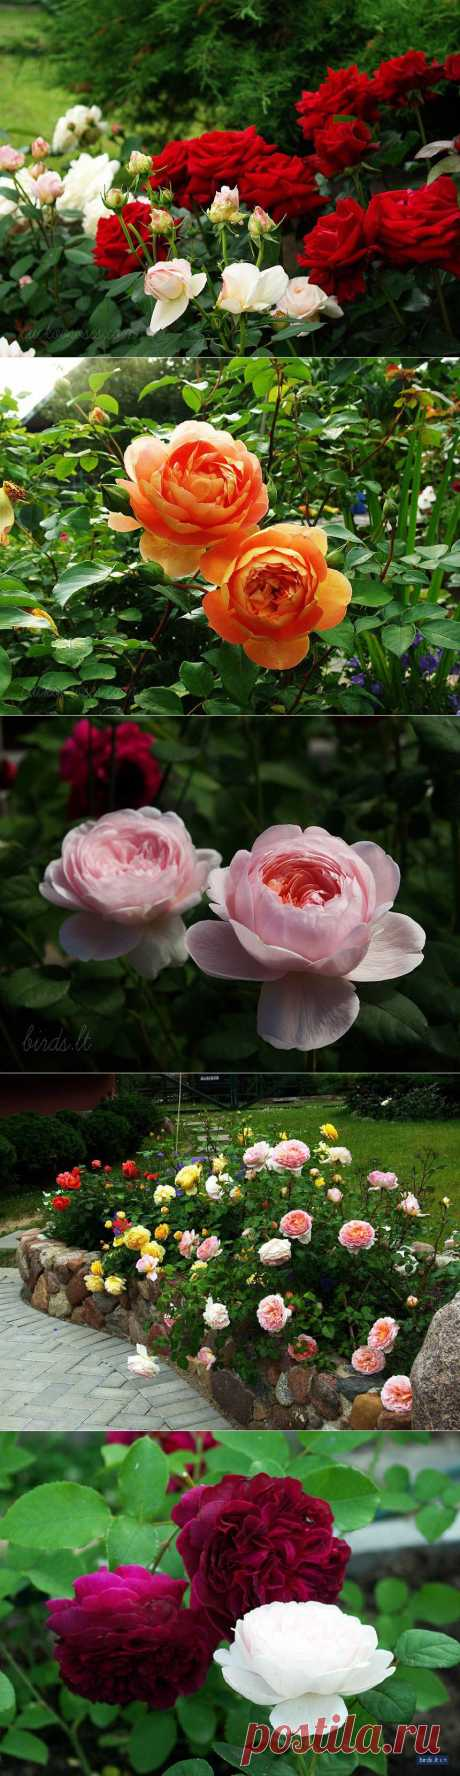 Розовый сад.